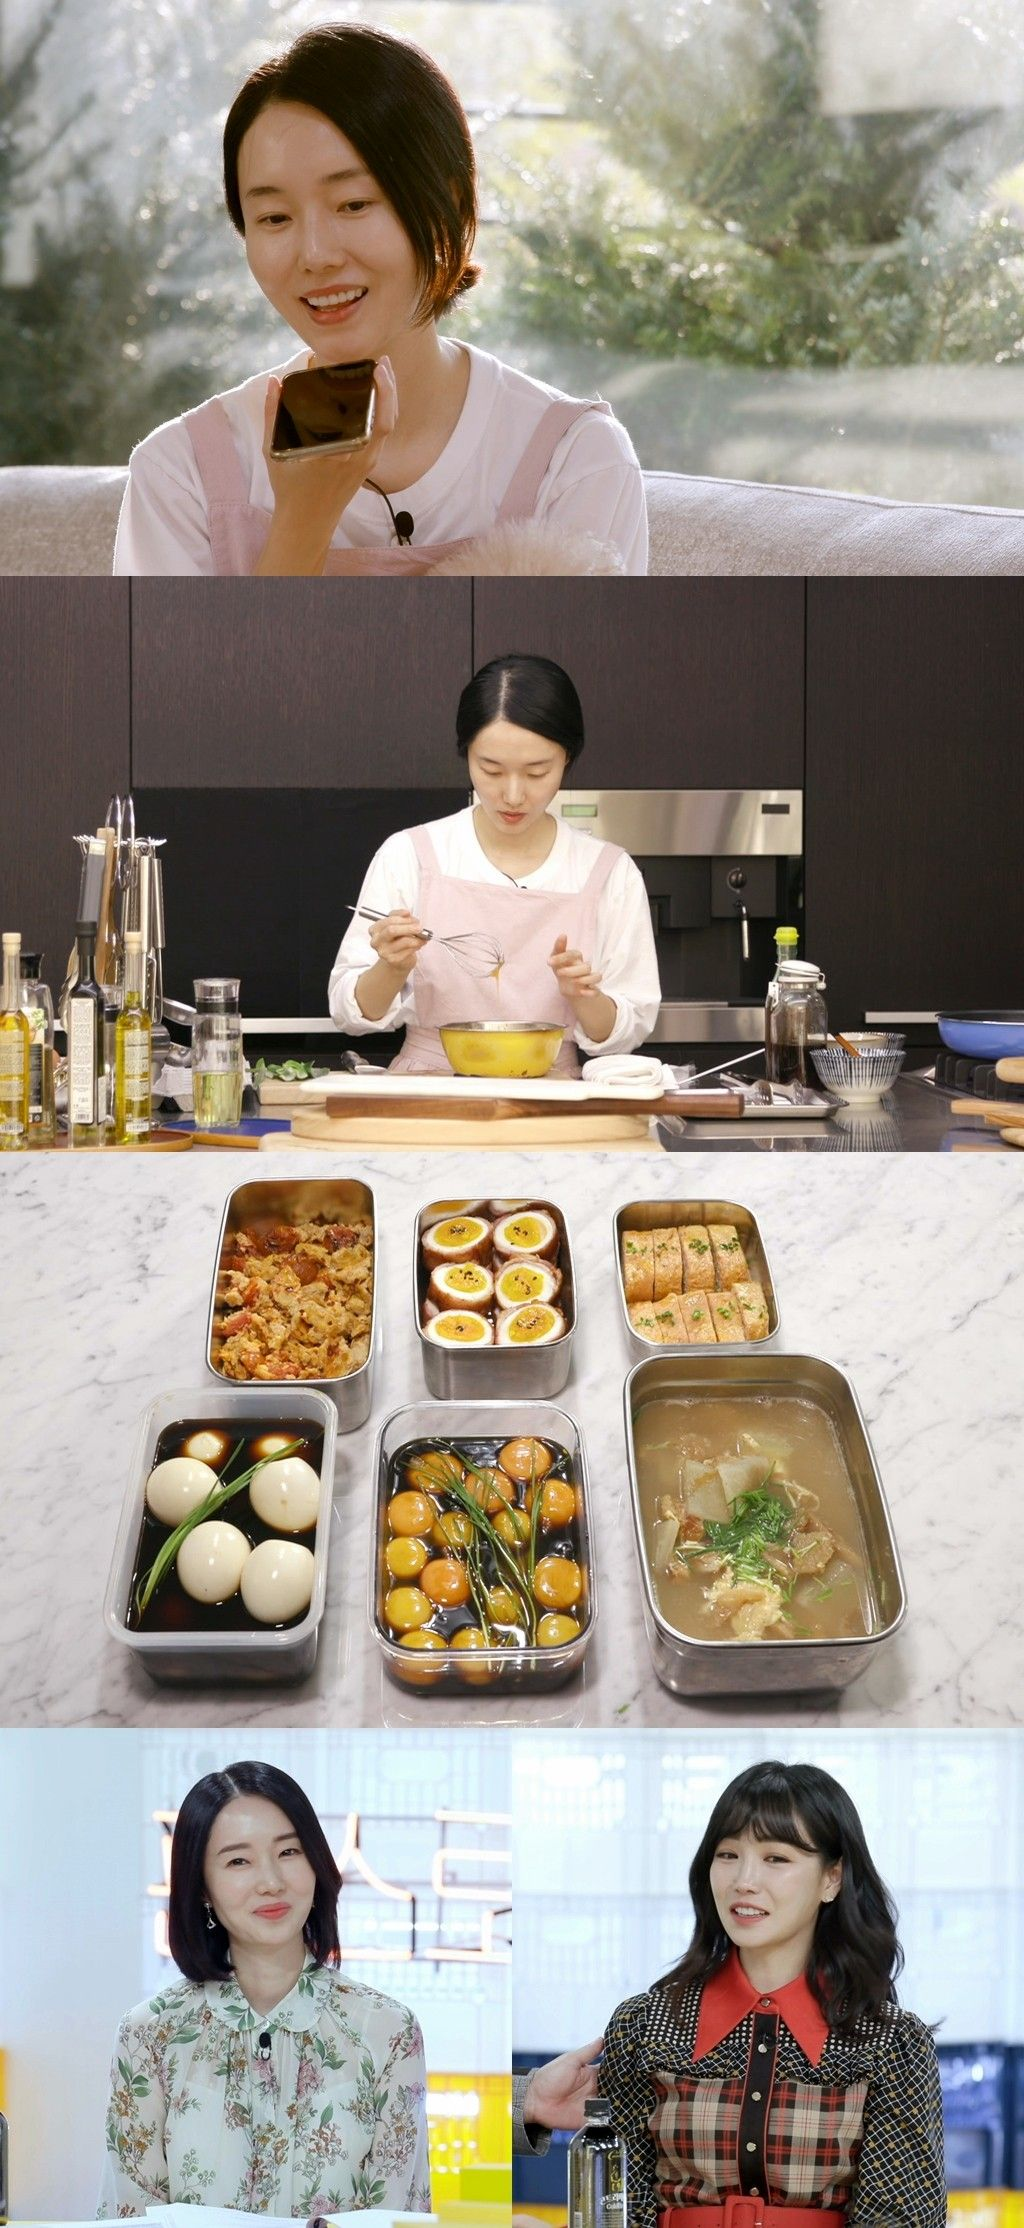 '편스토랑' 이정현, 아픈 엄마를 위한 달걀 밥상